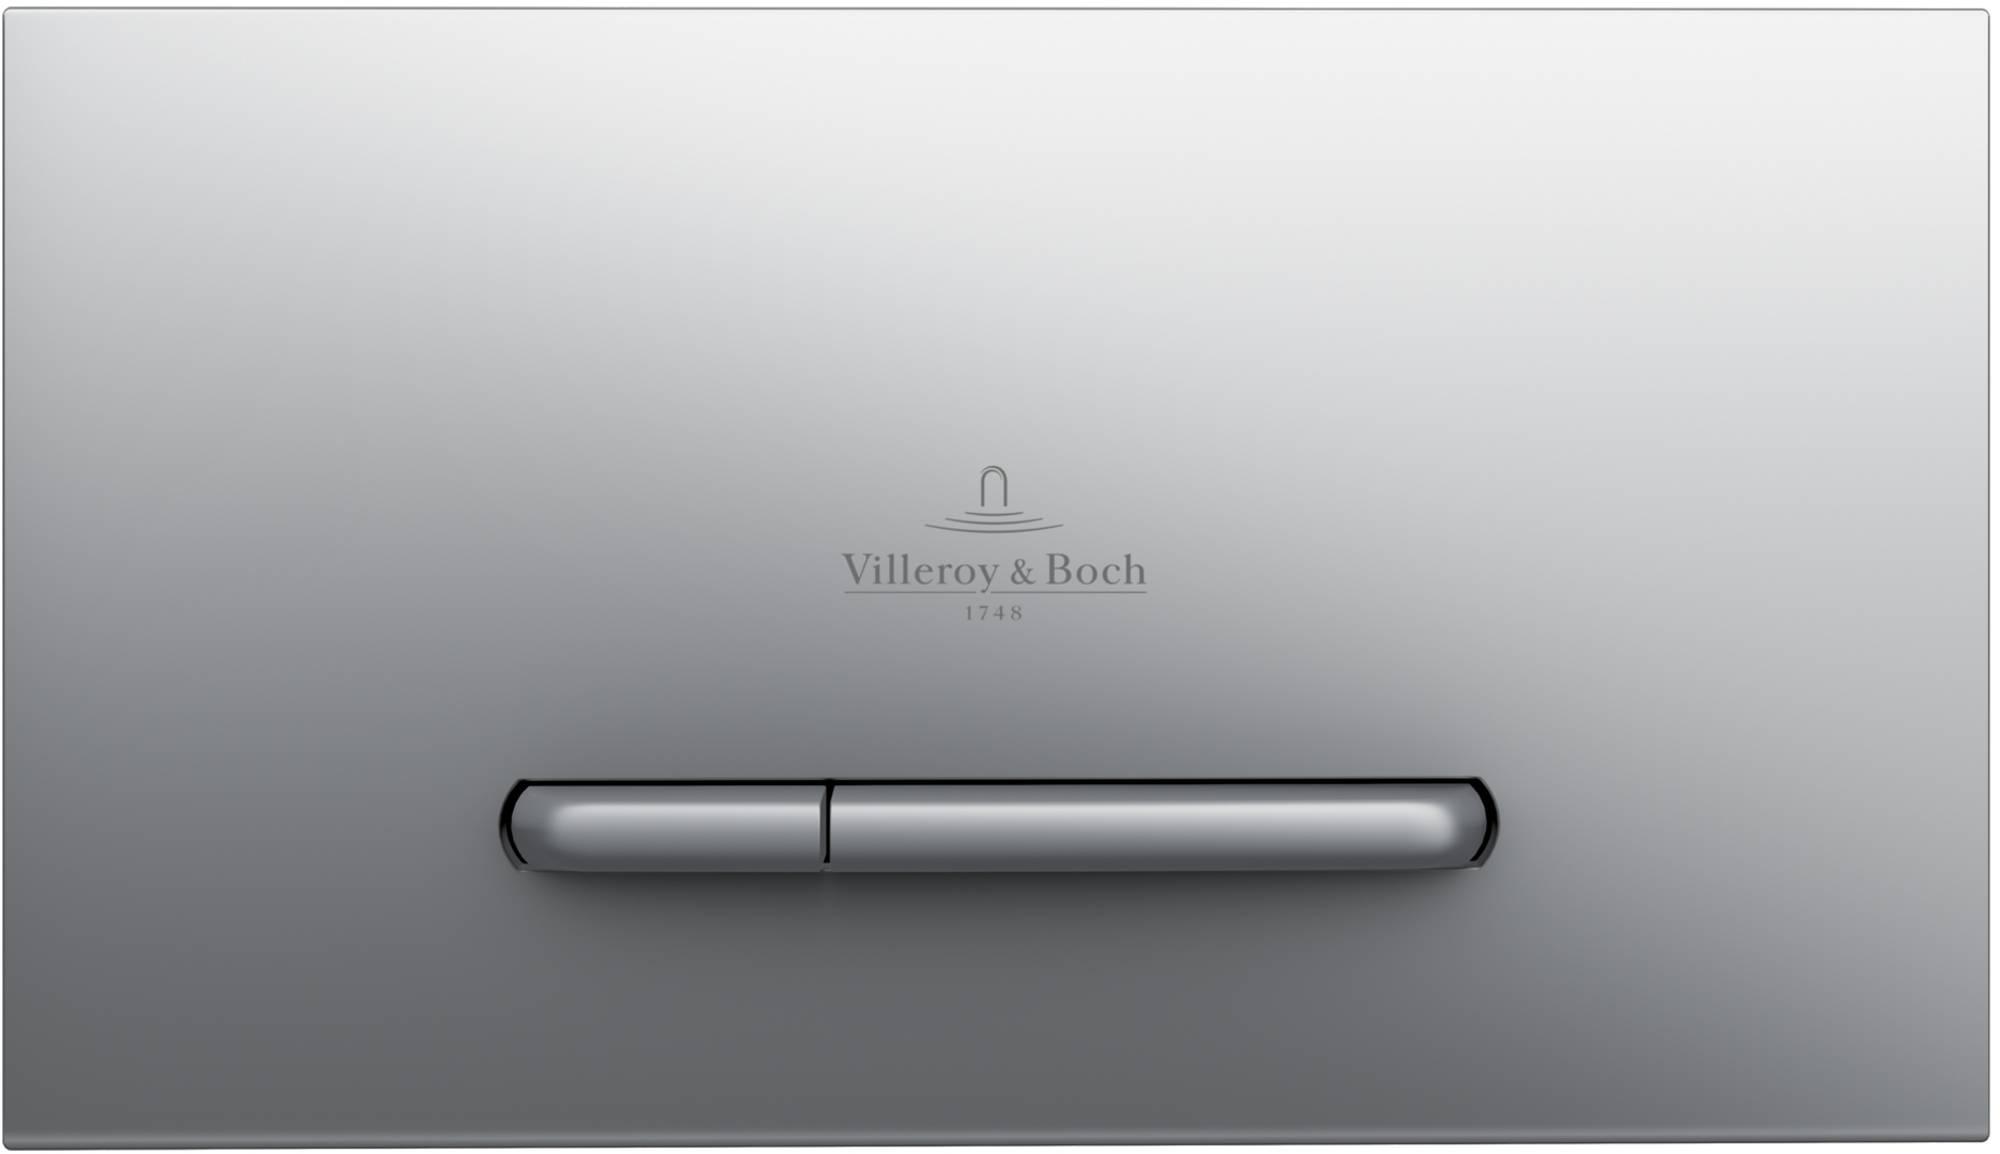 Villeroy & Boch ViConnect WC-Bedieningsplaat 25,3x14,5 cm Chroom Edelmat